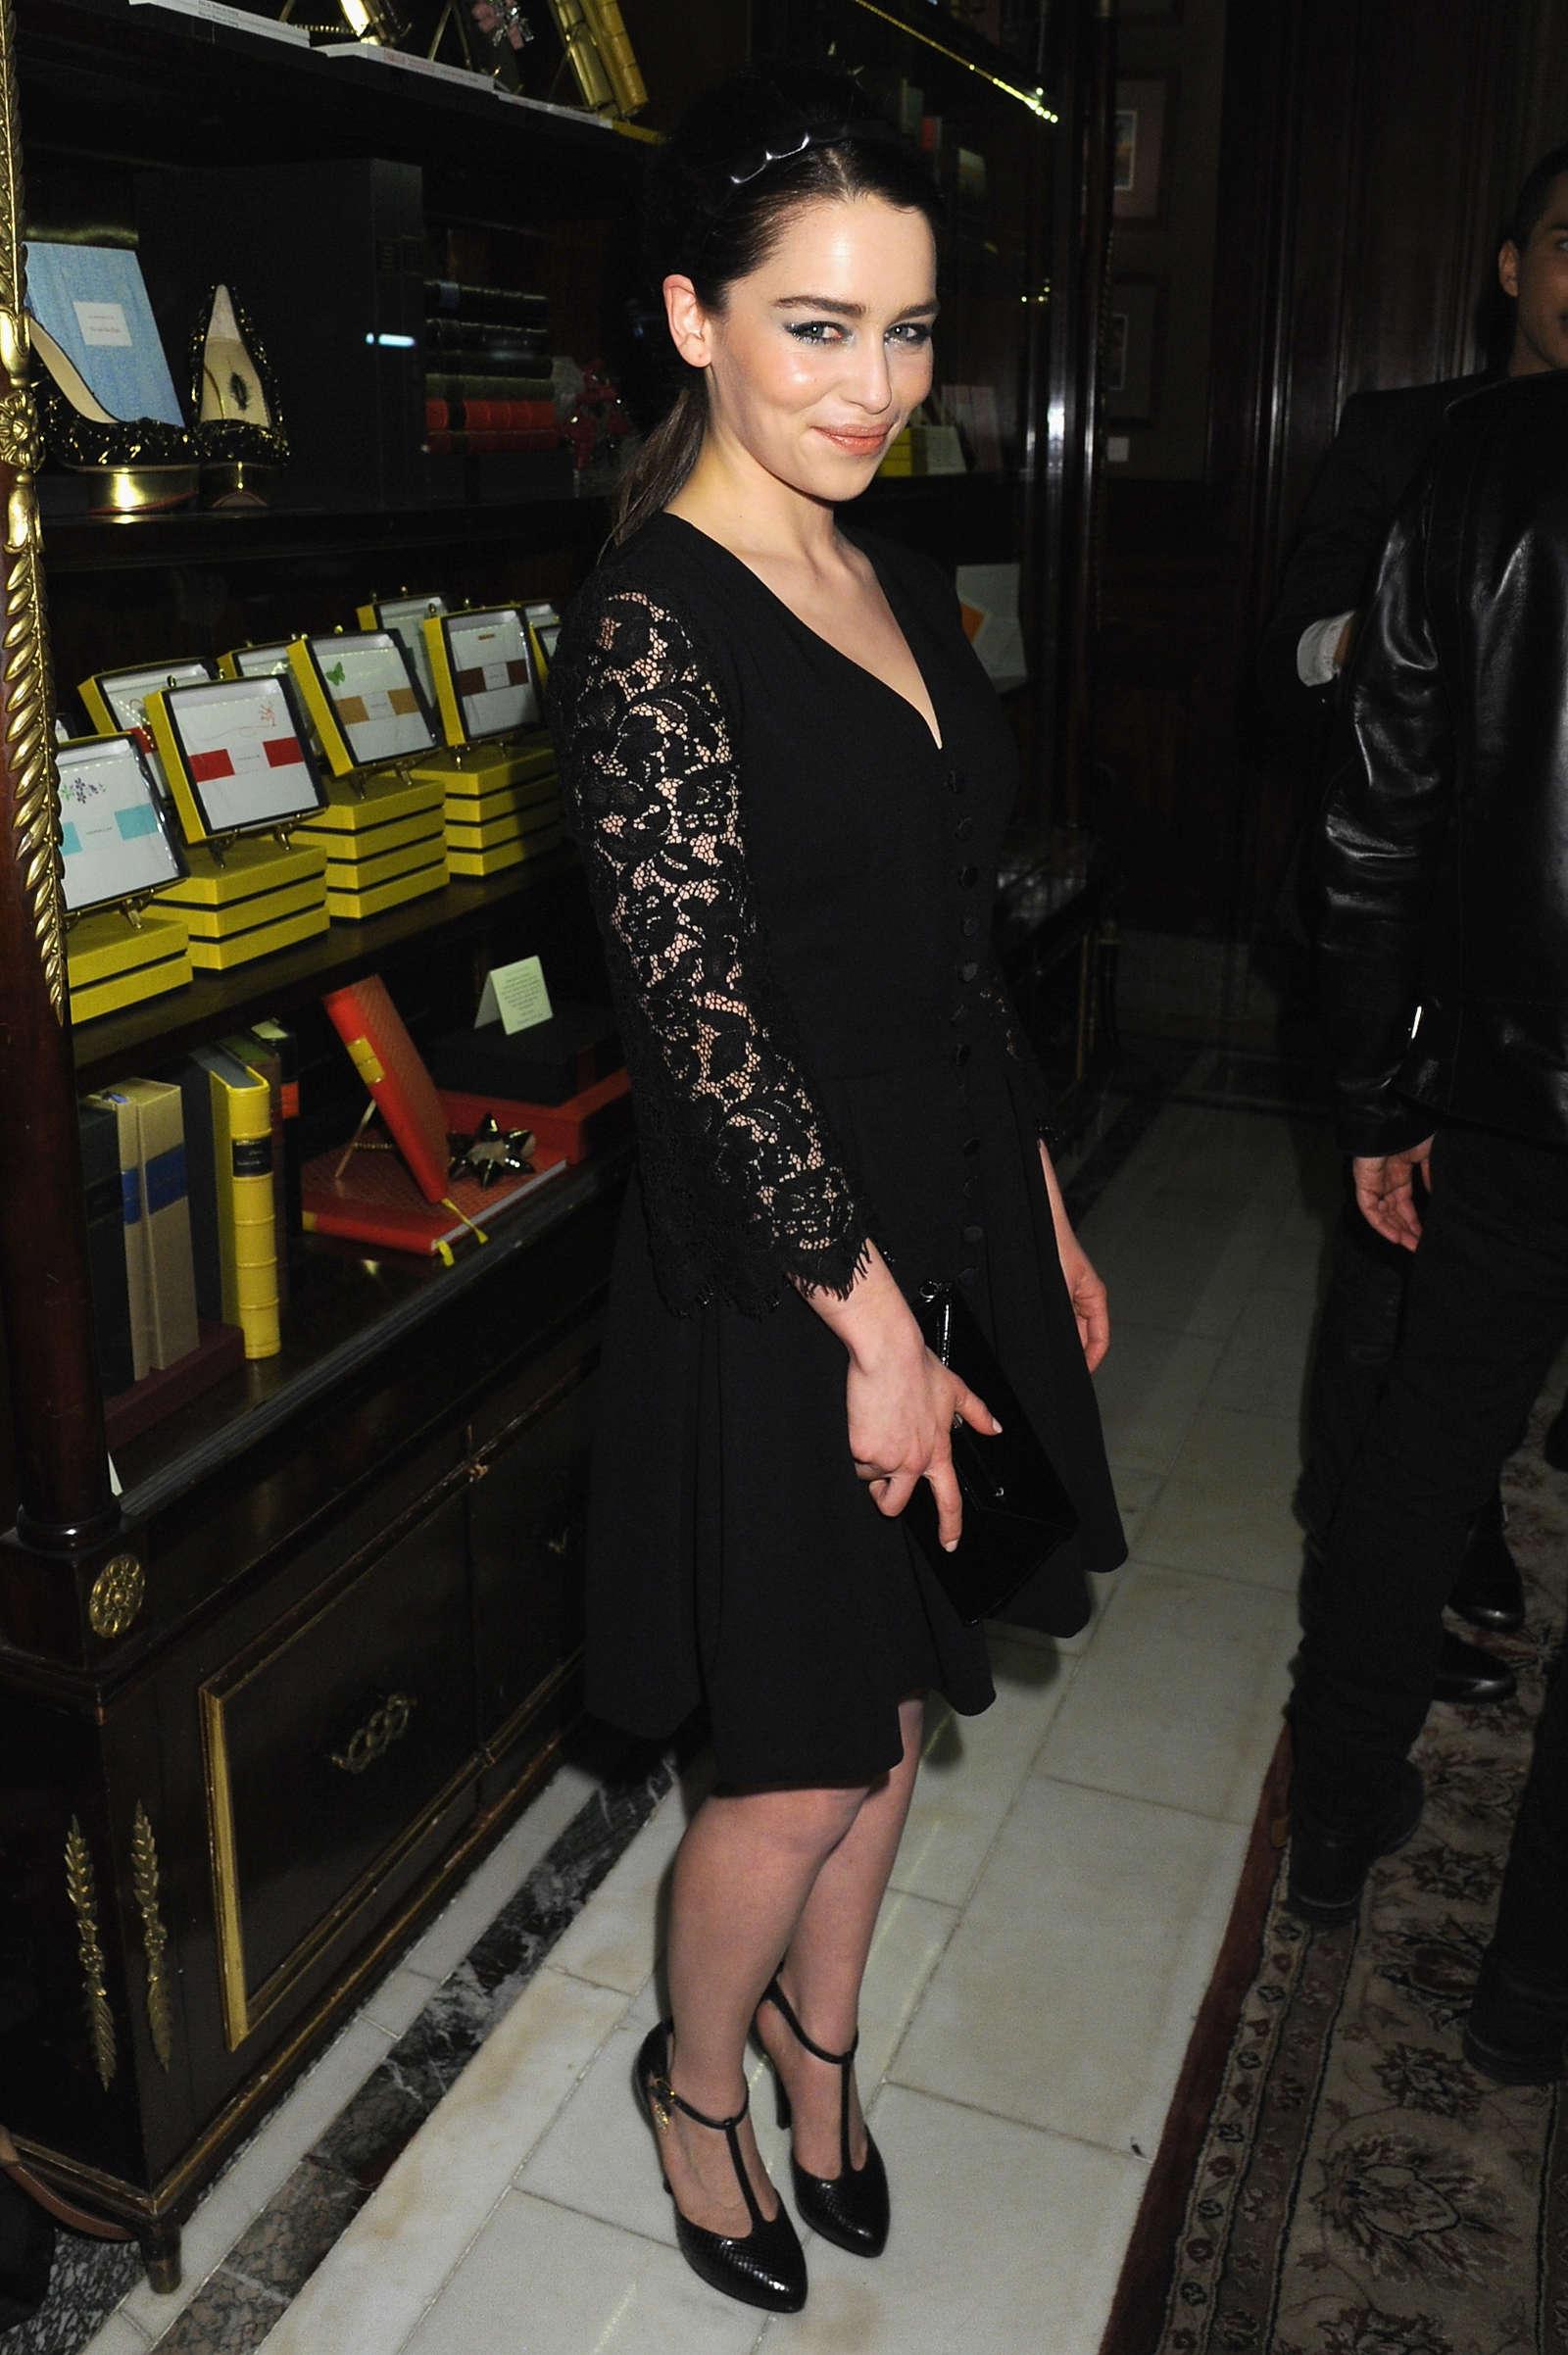 Emilia Clarke 2013 : Emilia Clarke – Moda Operandi event -07